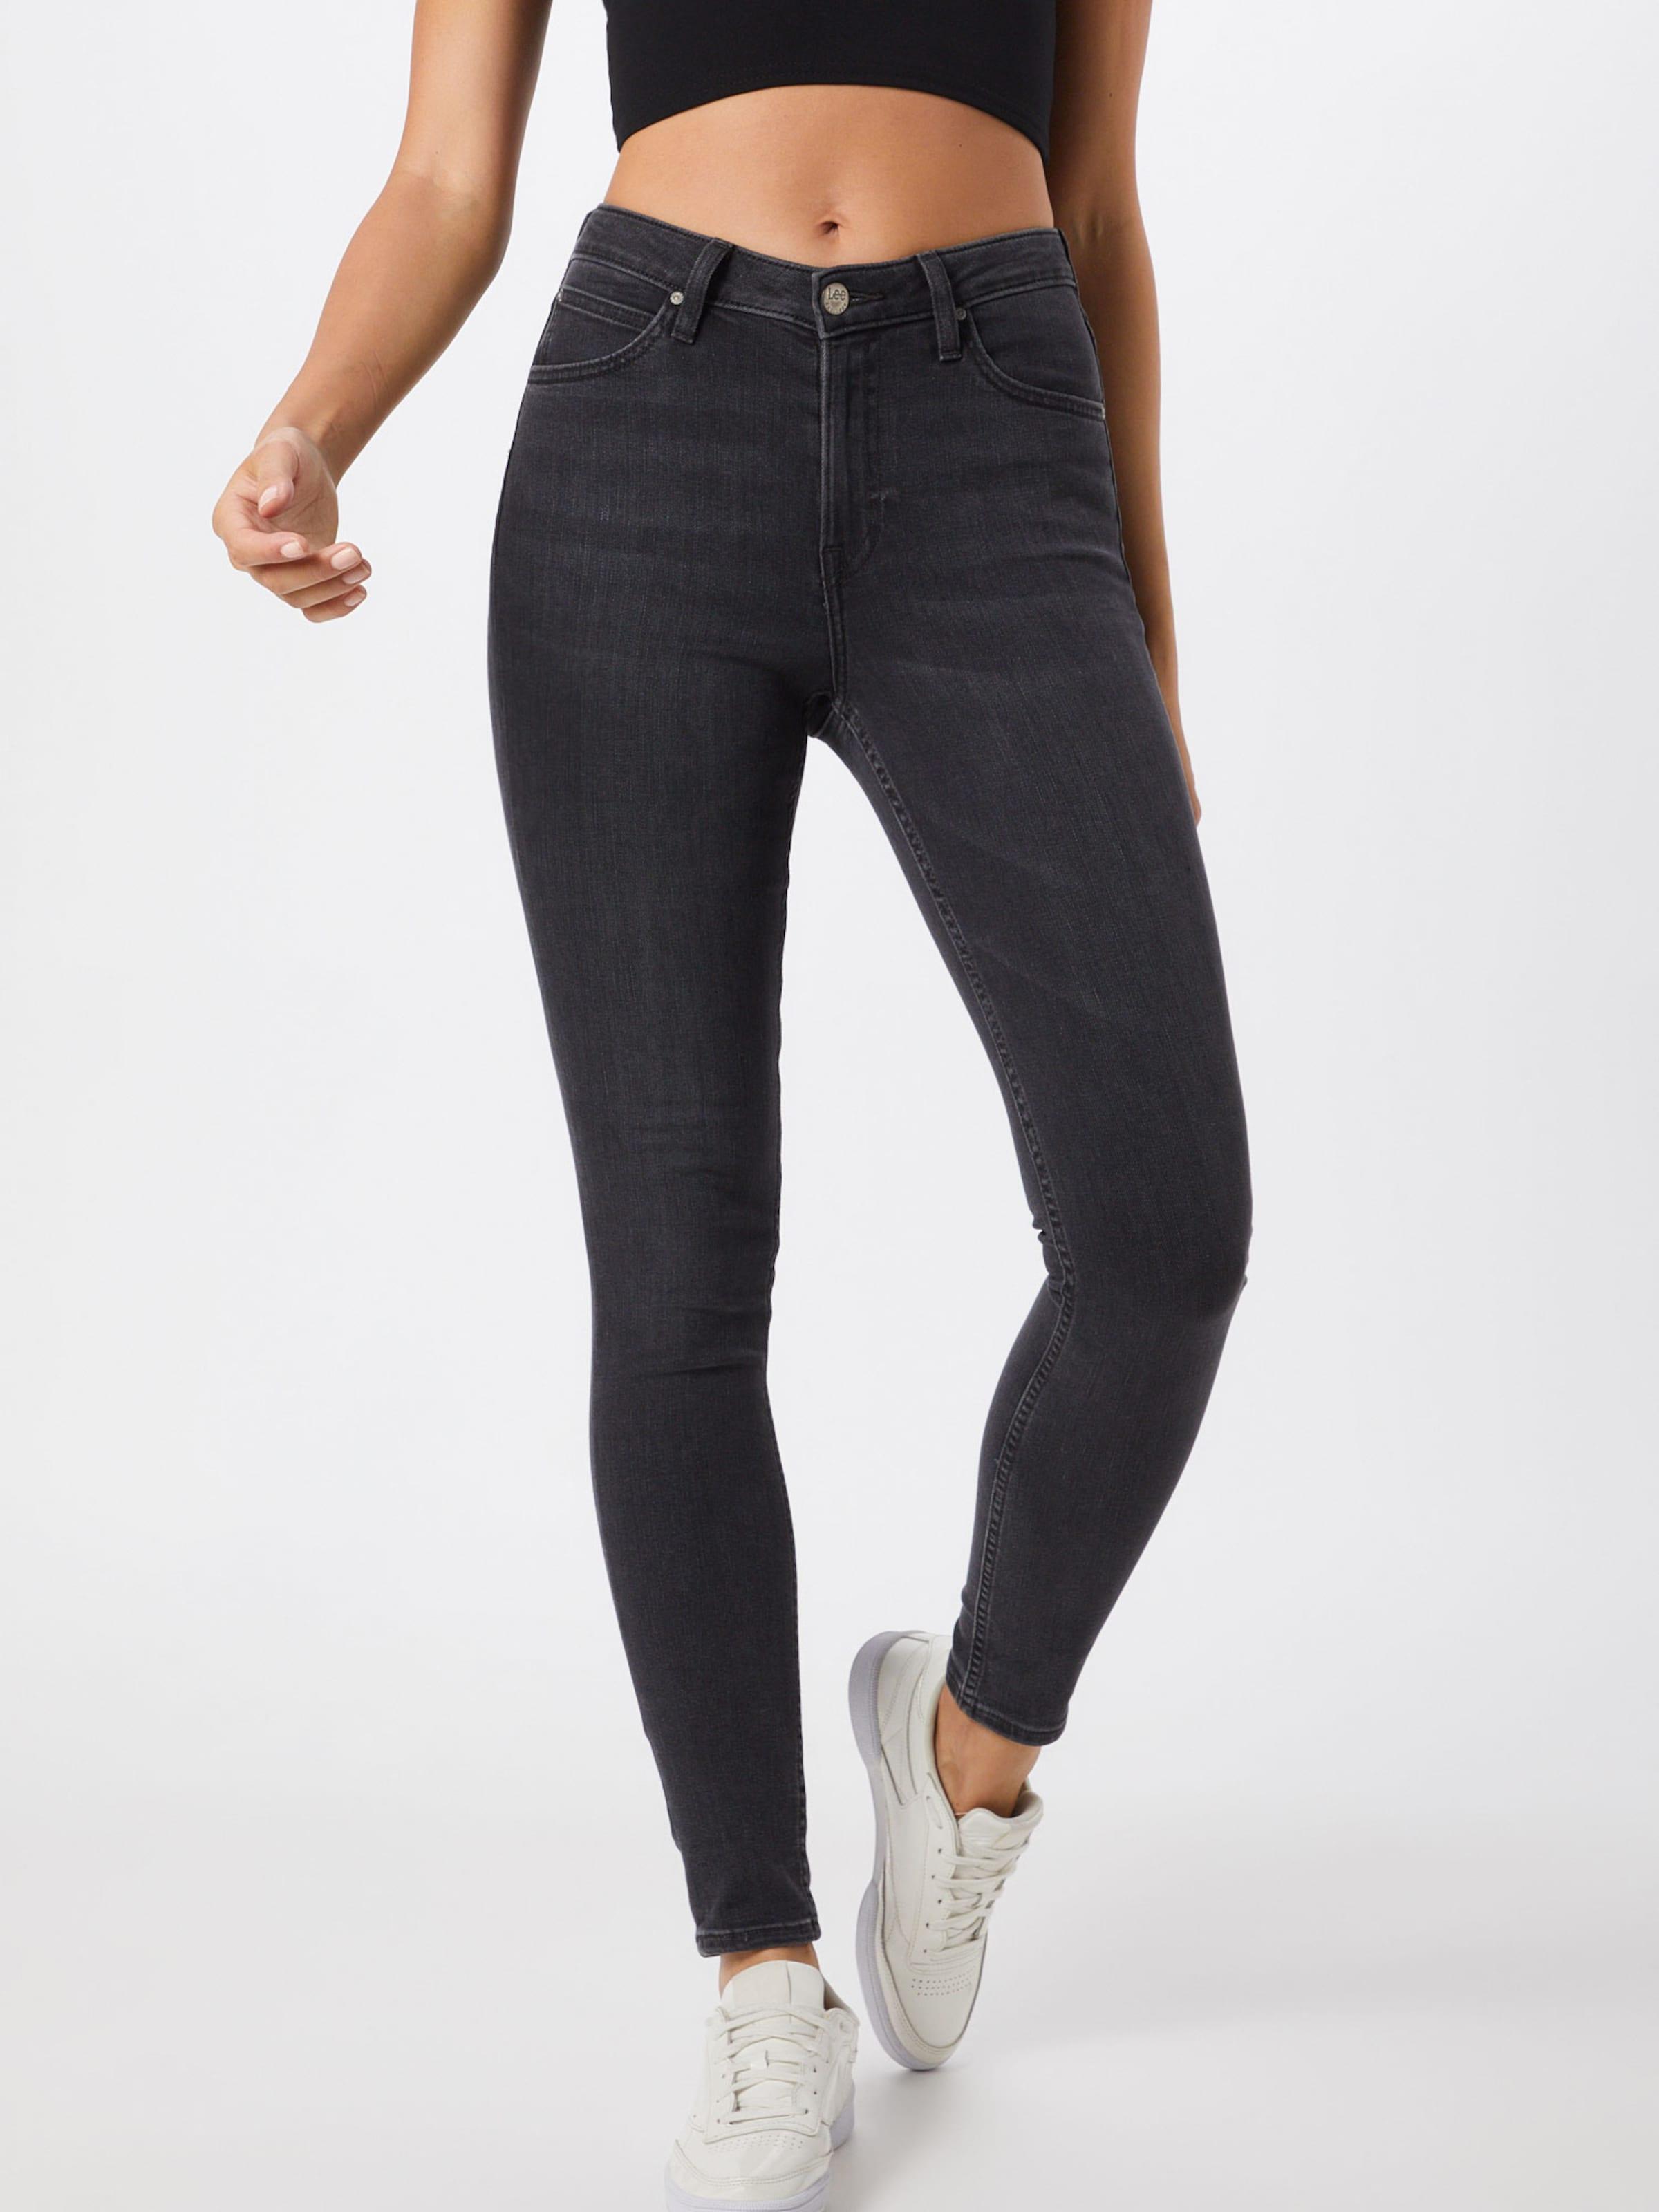 In Lee Denim Black 'ivy' Jeans FJK1lcT3